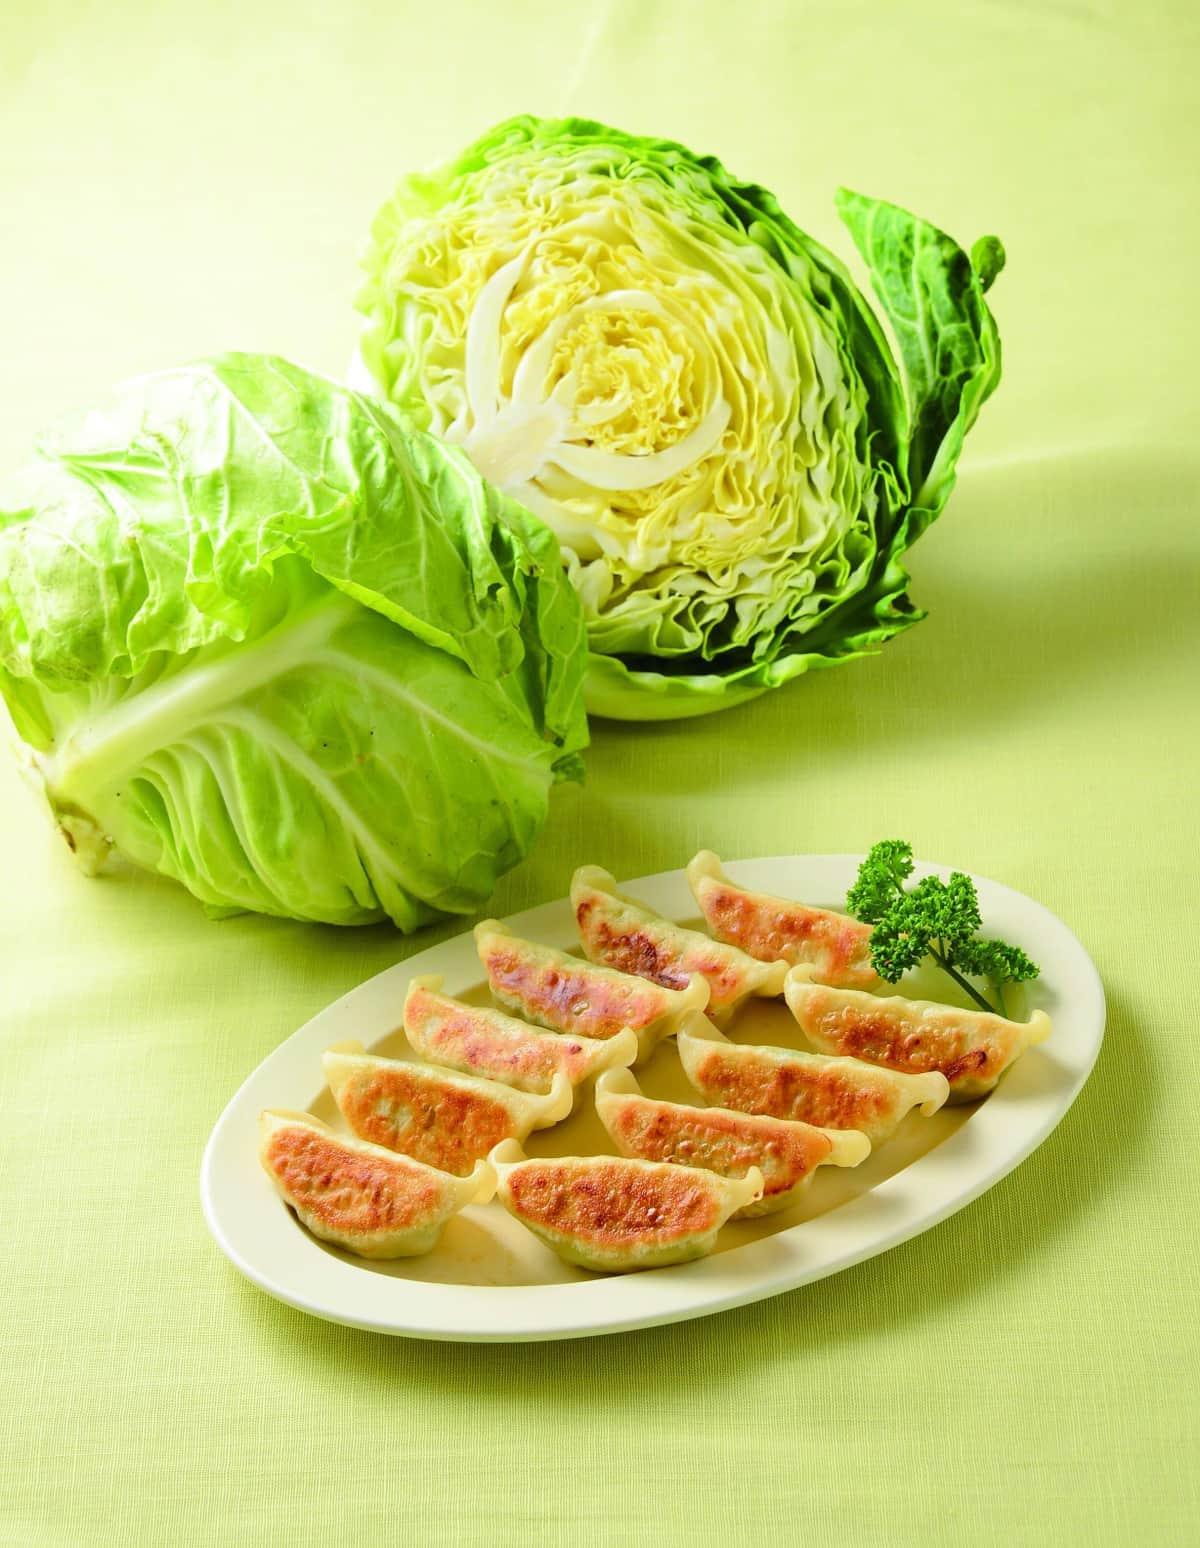 「豊作だけど保存が難しい」葉物野菜を、冷凍餃子の具材に